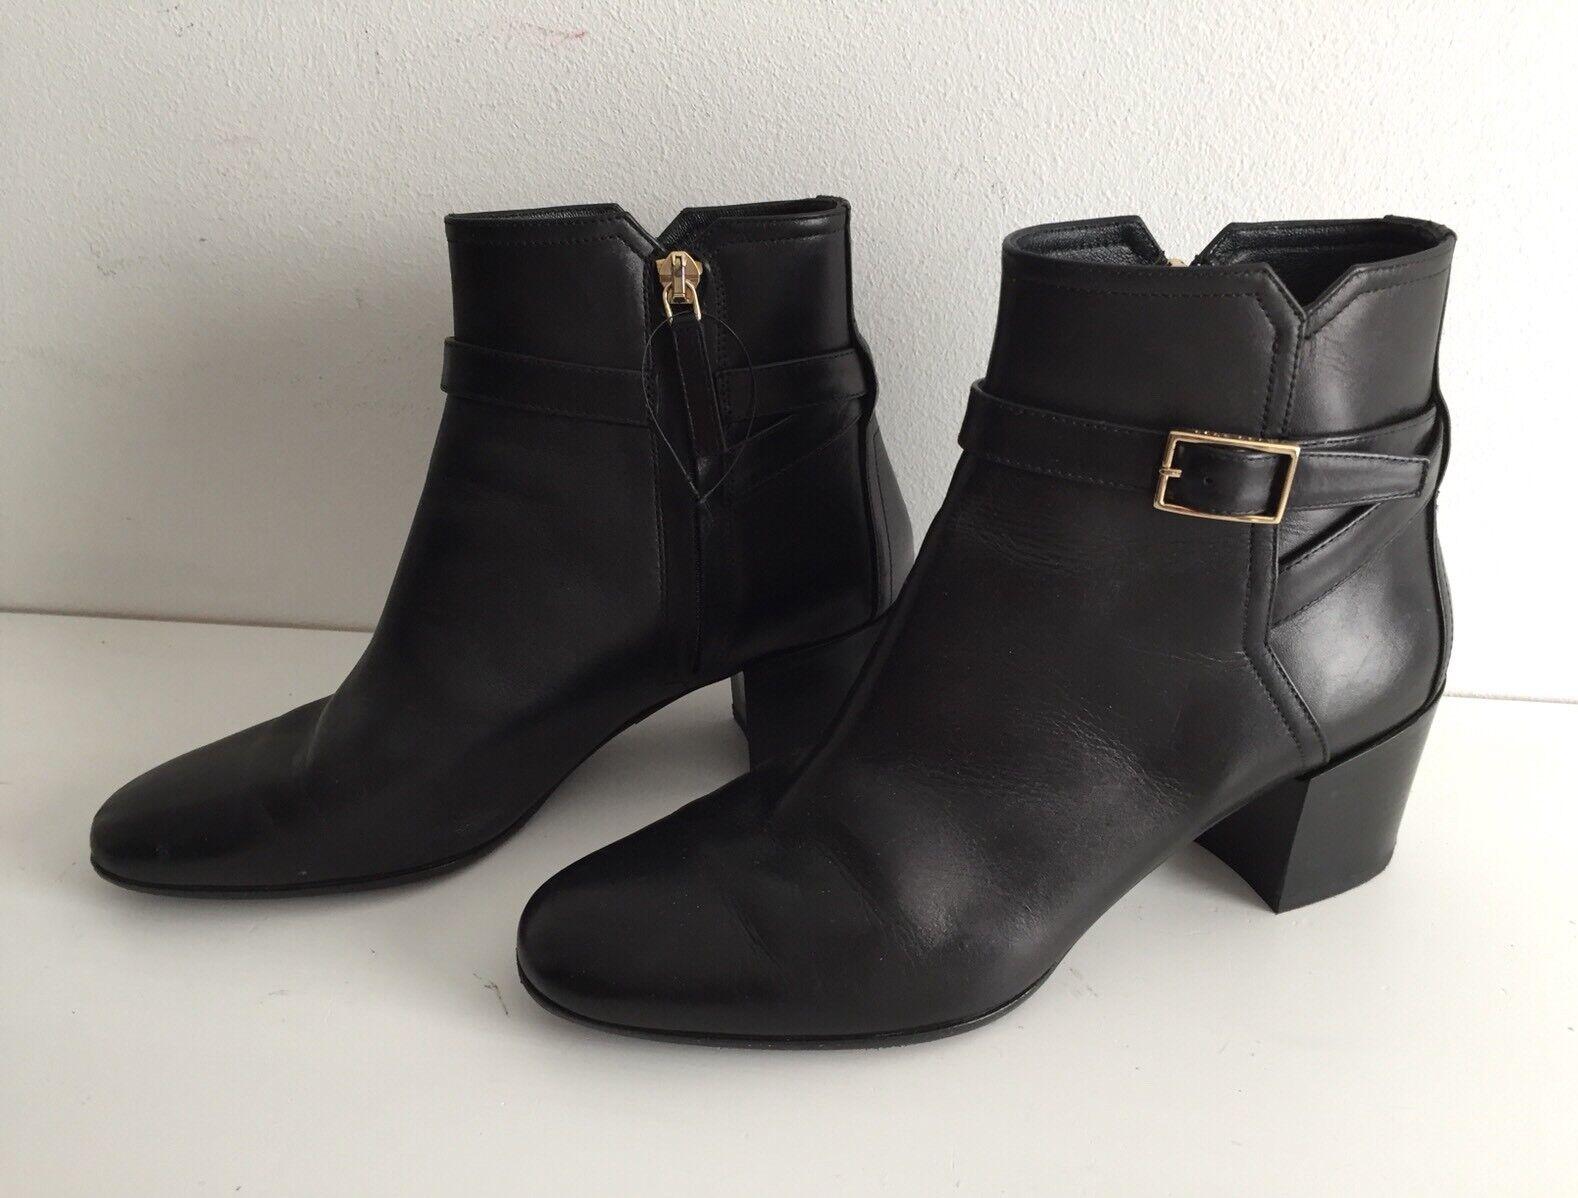 Damen Leder Stiefel Stiefelette Ankle Stiefel mit Schnalle HUGO BOSS schwarz Gr.36